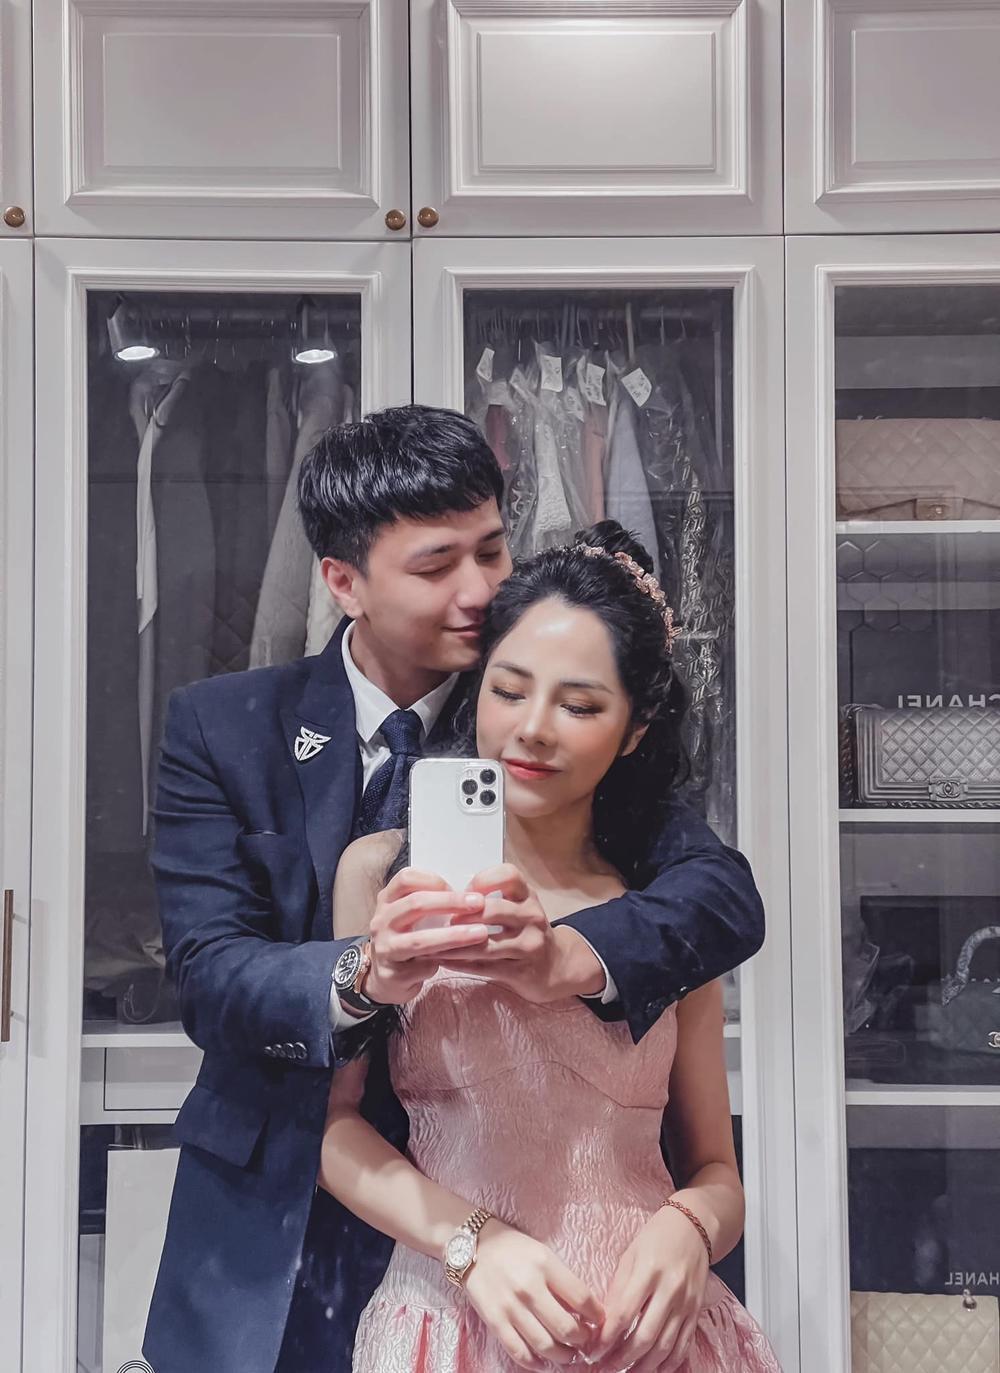 Bạn gái tâm sự Huỳnh Anh một mực muốn cưới mặc dù đã phân tích rất kĩ Ảnh 3